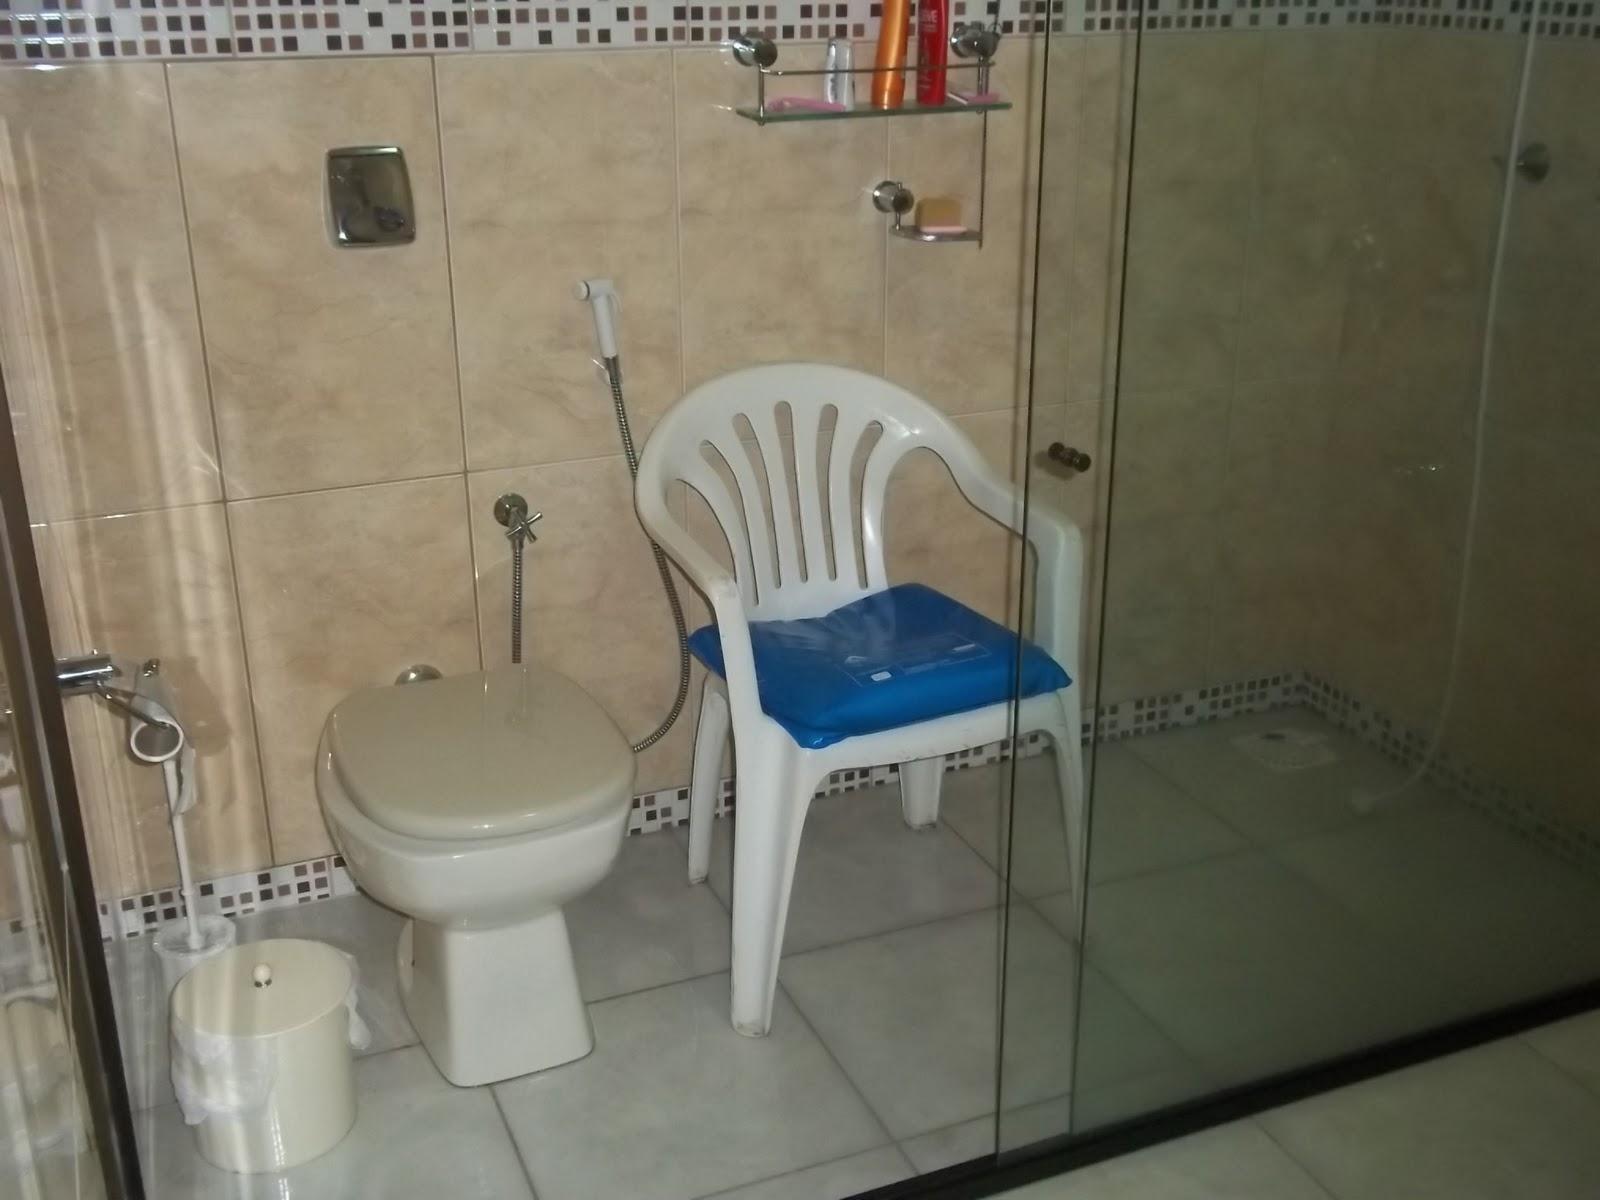 Koisas Com Ká: Casa adaptada #15436B 1600x1200 Balcao Banheiro 80cm